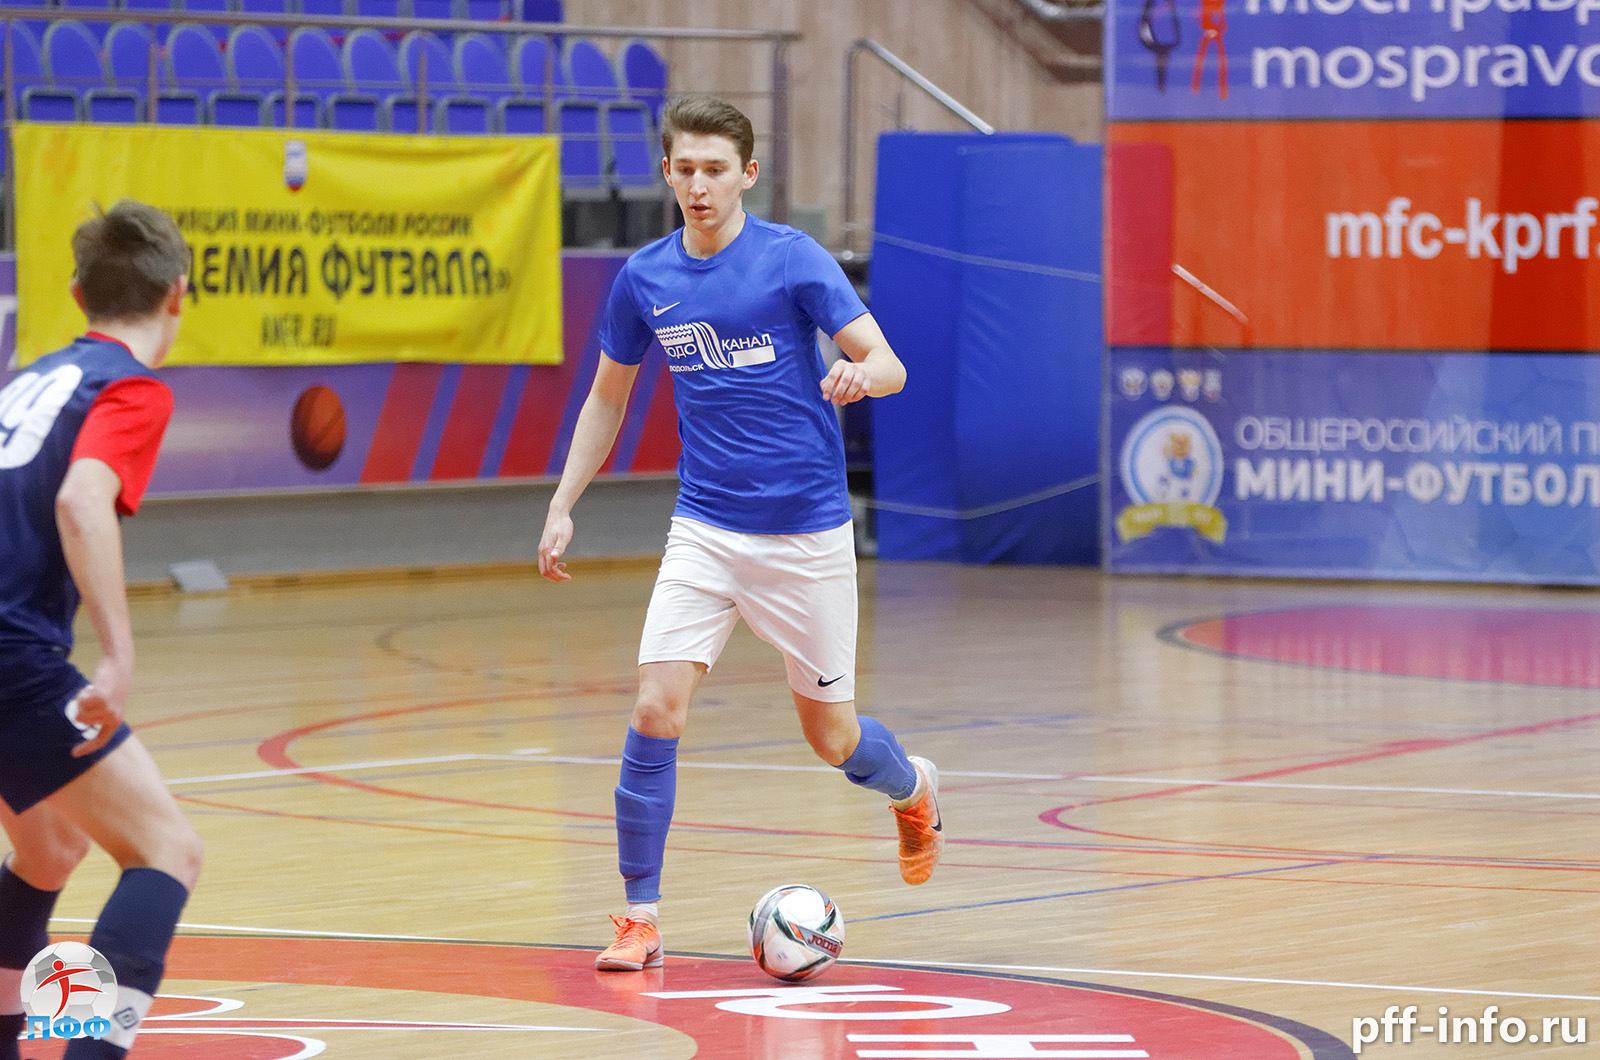 «Водоканал» продолжает погоню за «Десной» в Чемпионате Подольска по мини-футболу